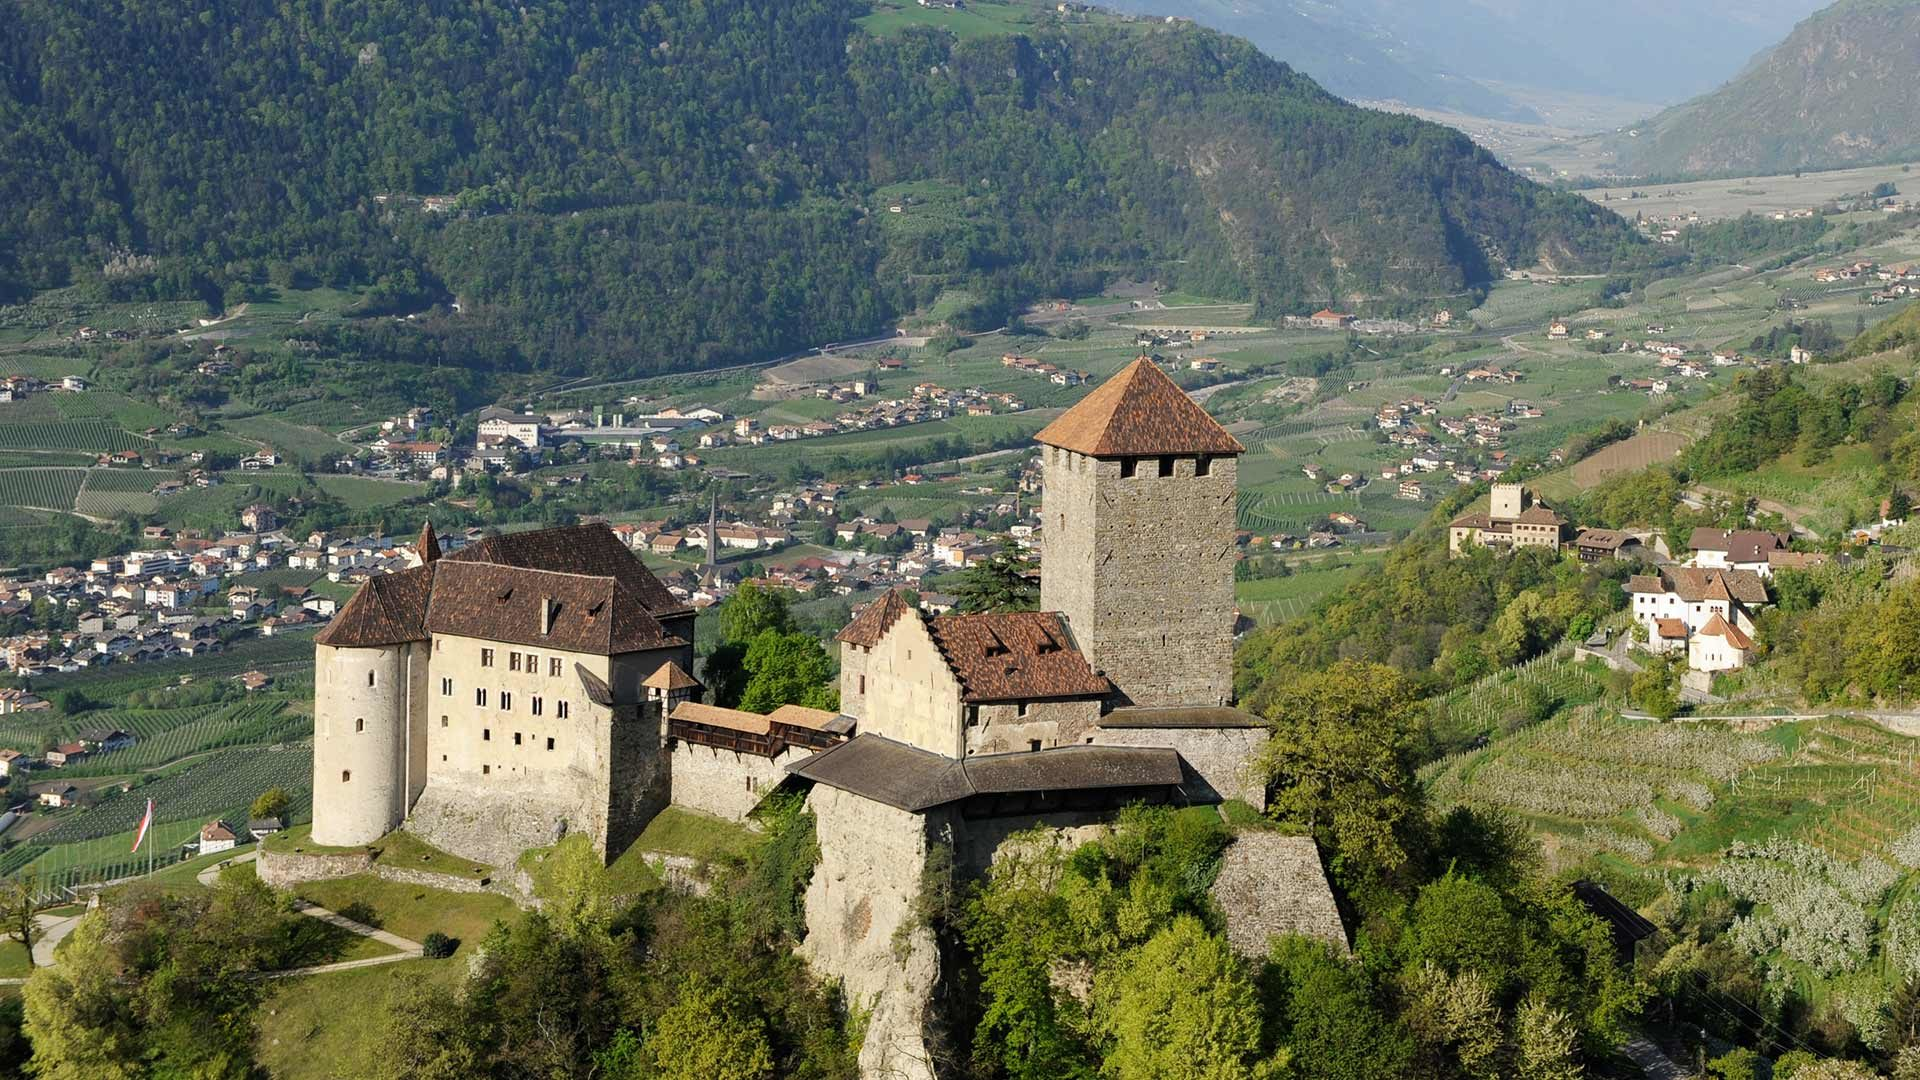 Blick auf Schloss Tirol und Umgebung